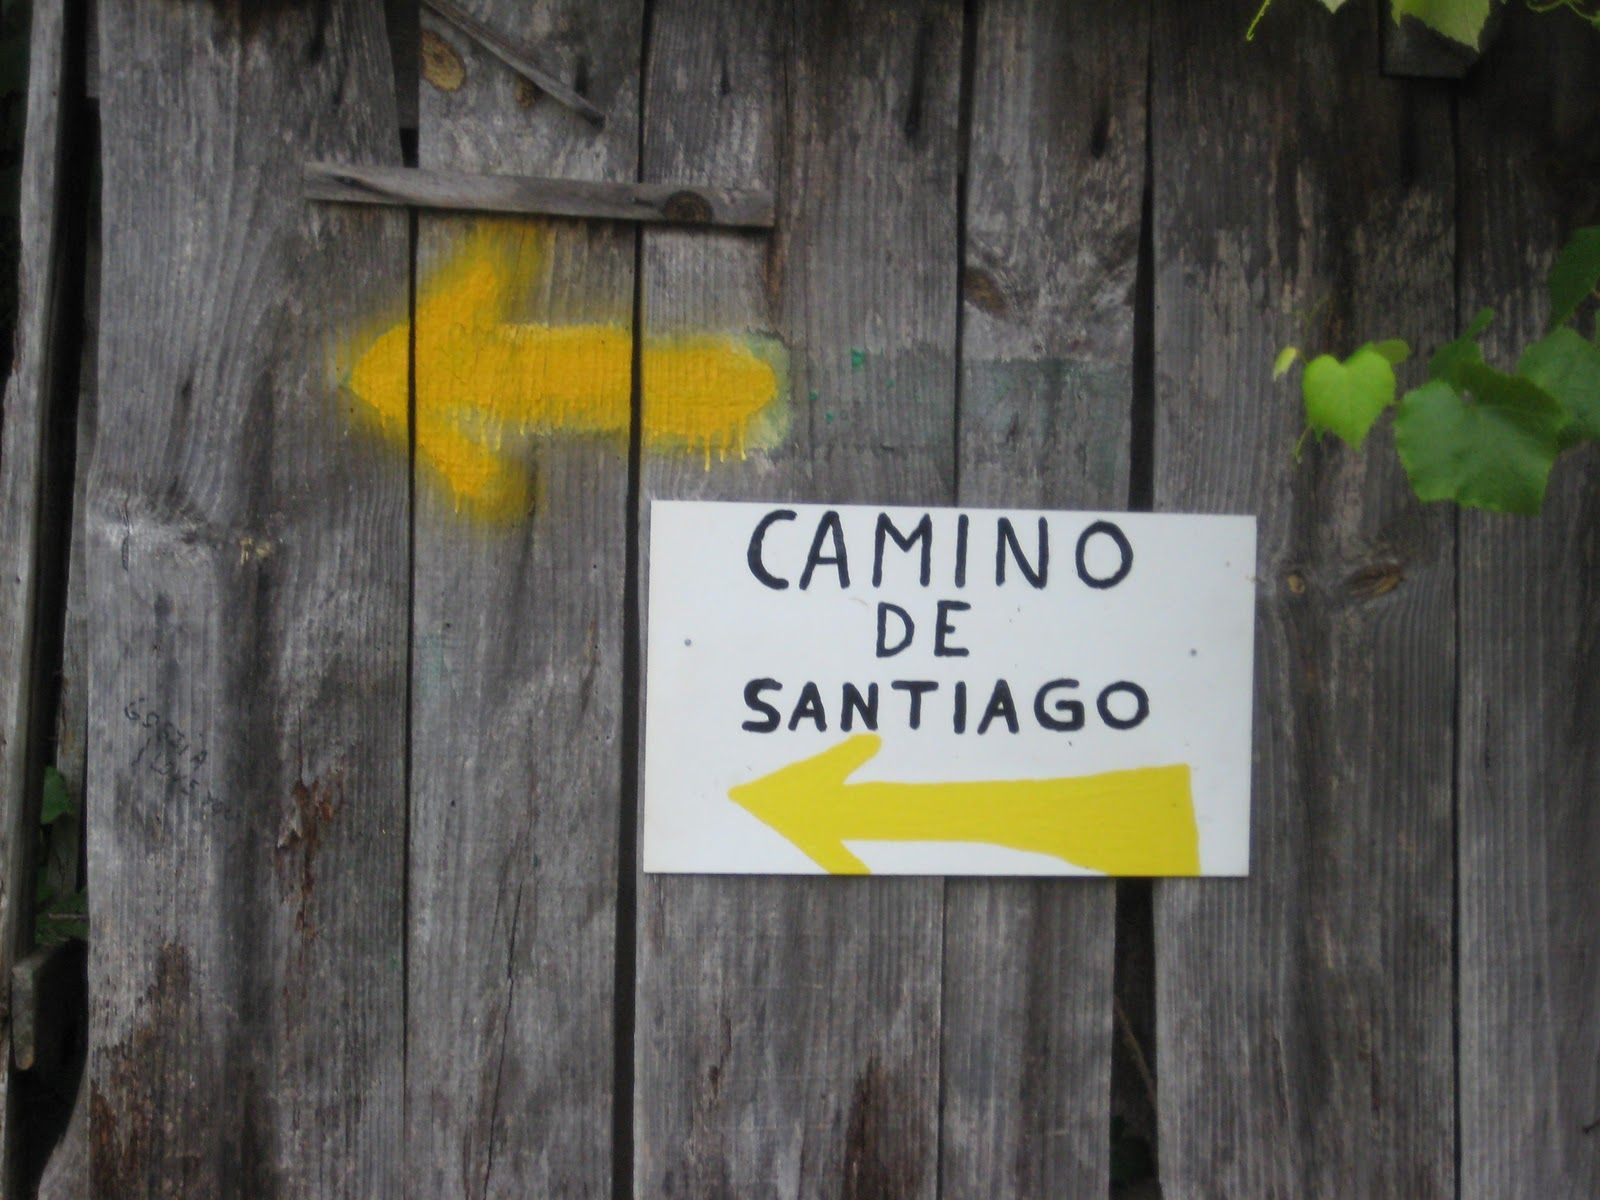 Señales Y Símbolos Del Camino Caminodesantiago Camino De Santiago Santiago De Compostela Santiago